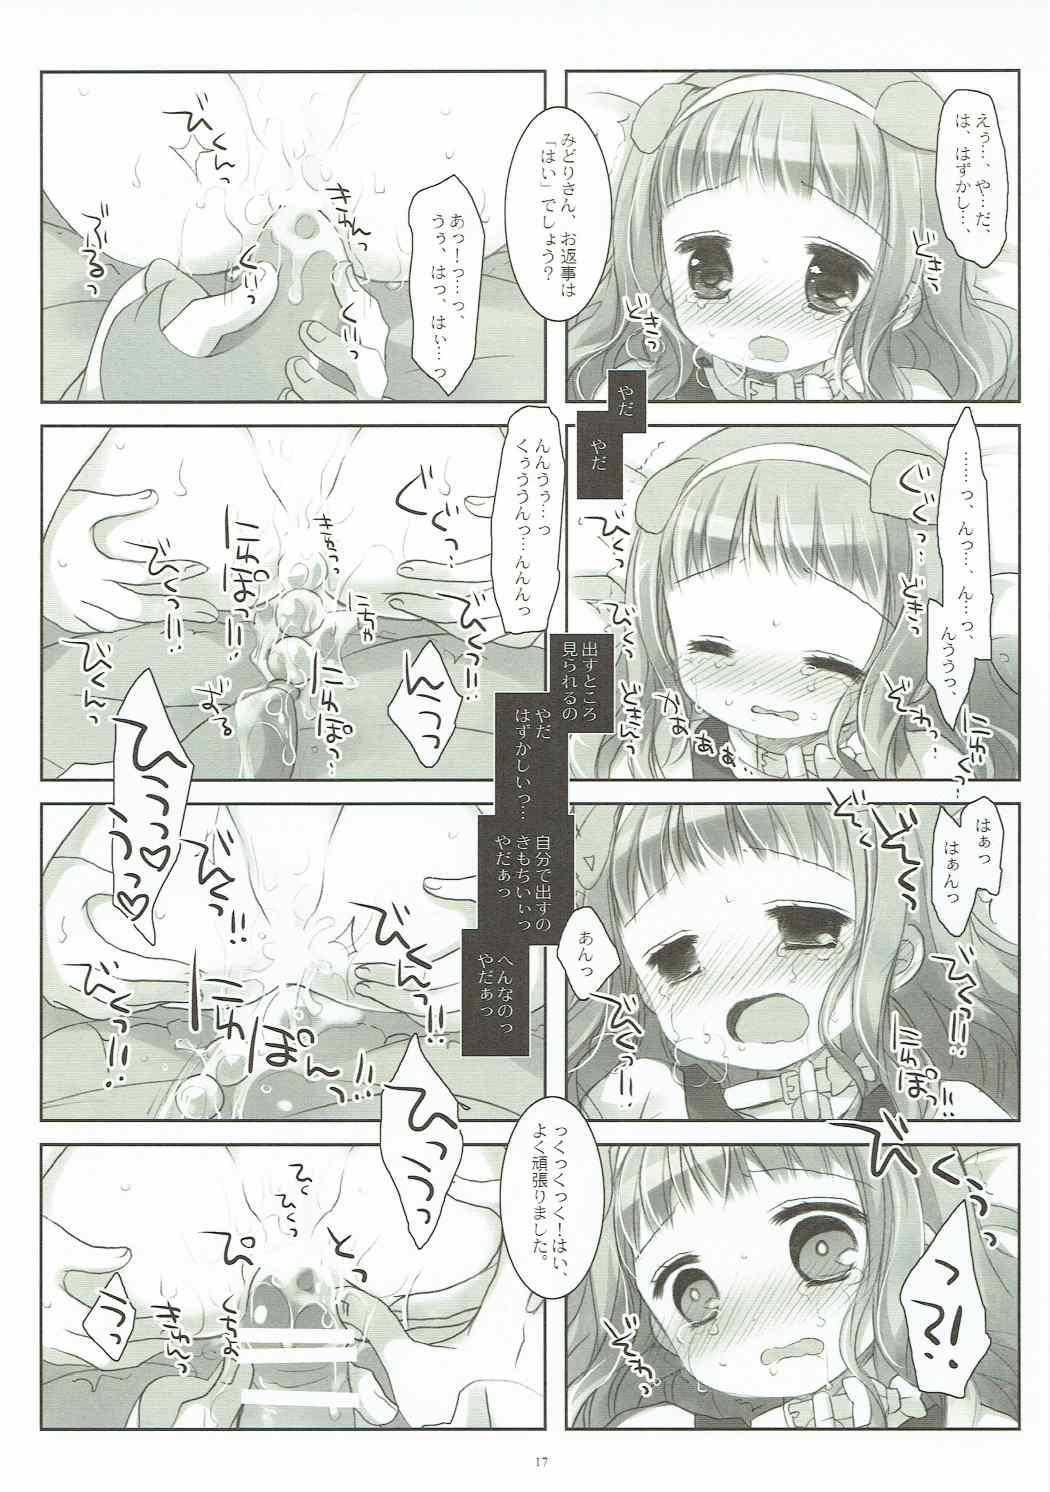 Inu no Engi no Renshuu tte Damasarete Choukyou Sareru JS Ojou-sama Kawaisou 15